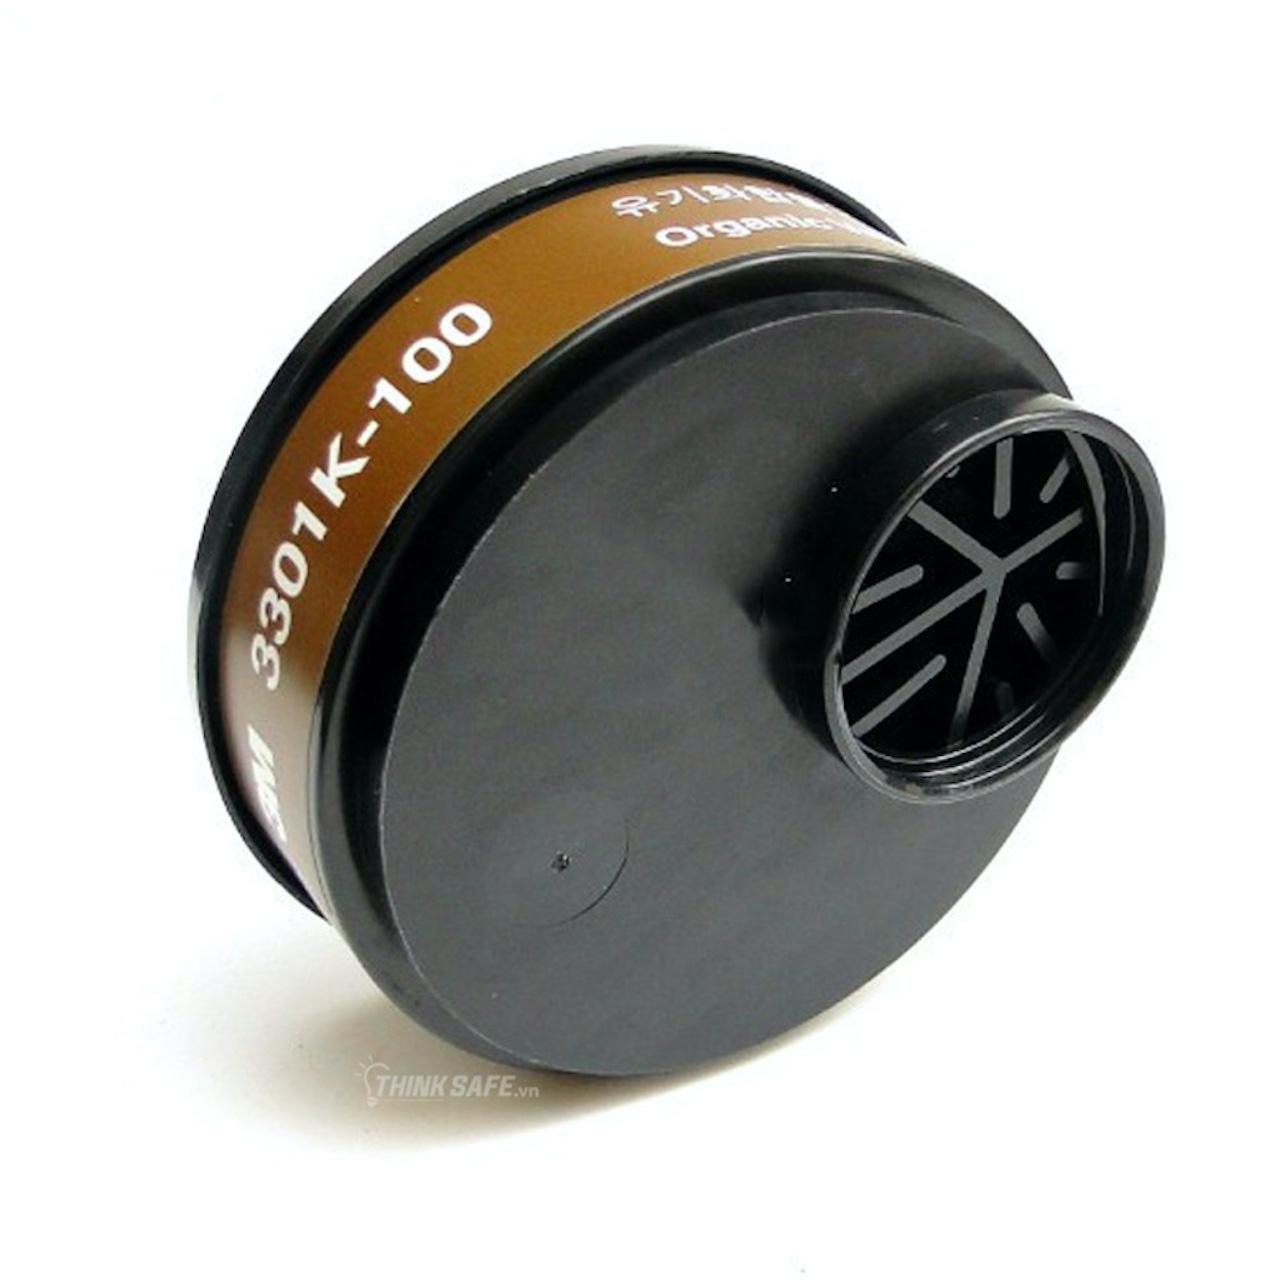 Mặt nạ phòng độc 3M HF52 mặt nạ lọc bụi, lọc hơi/khí độc kèm phin lọc 3301K-100 (HF52-3301K-7711-774)